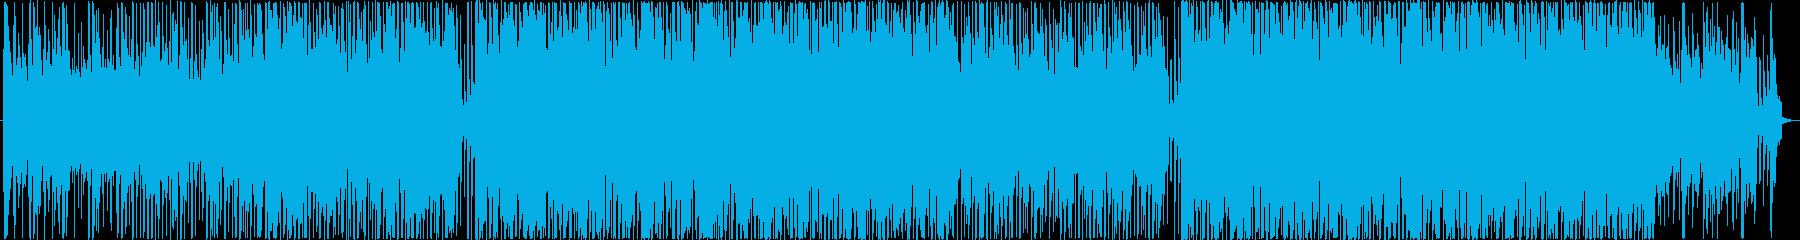 リズミカルで楽しい雰囲気のBGMの再生済みの波形